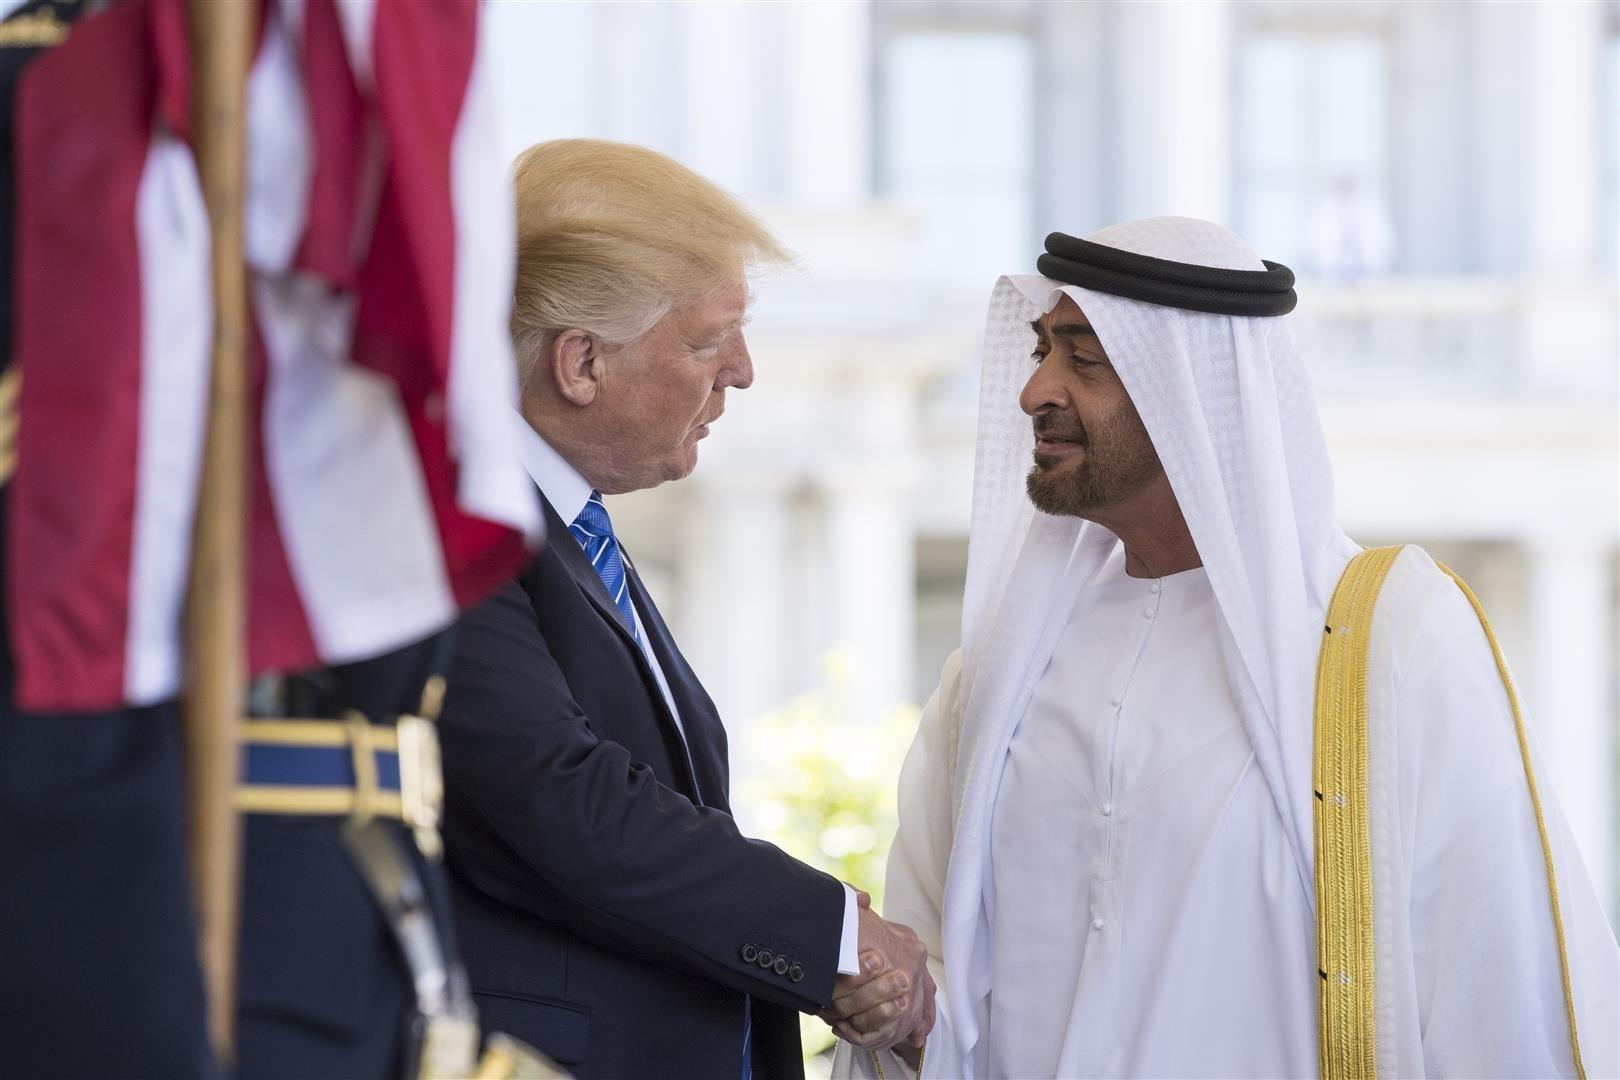 الرئيس الأمريكي دونالد ترامب خلال استقباله ولي عهد الإمارات محمد بن زايد